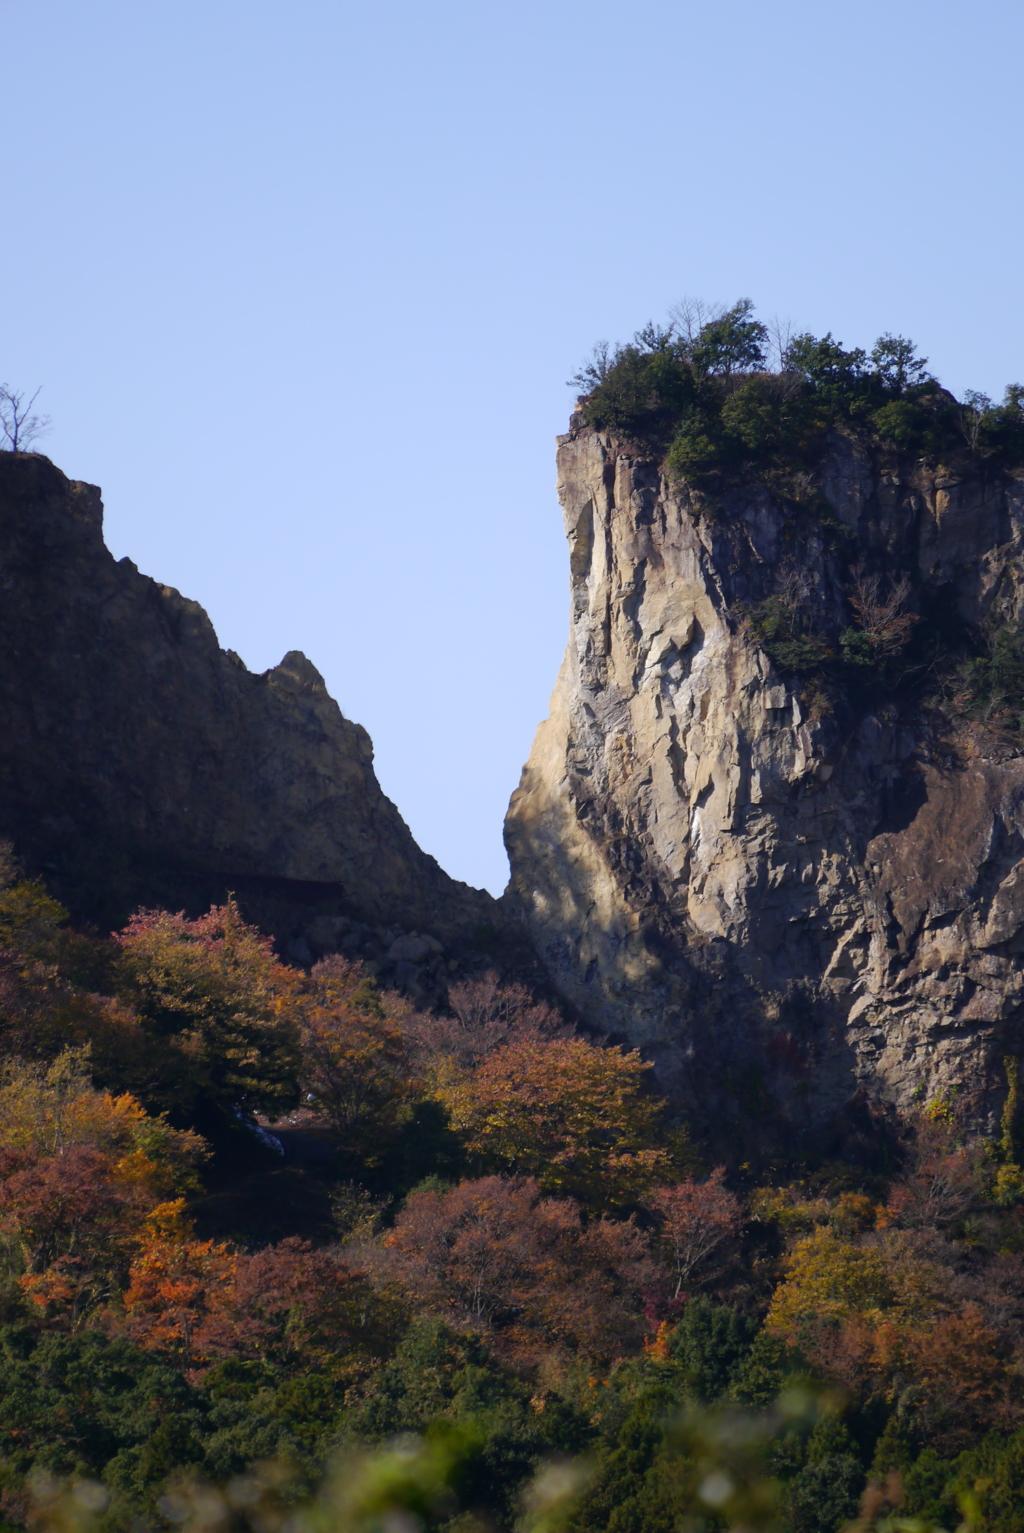 峻険 by kougadou (ID:6216114) - 写真共有サイト:PHOTOHITO